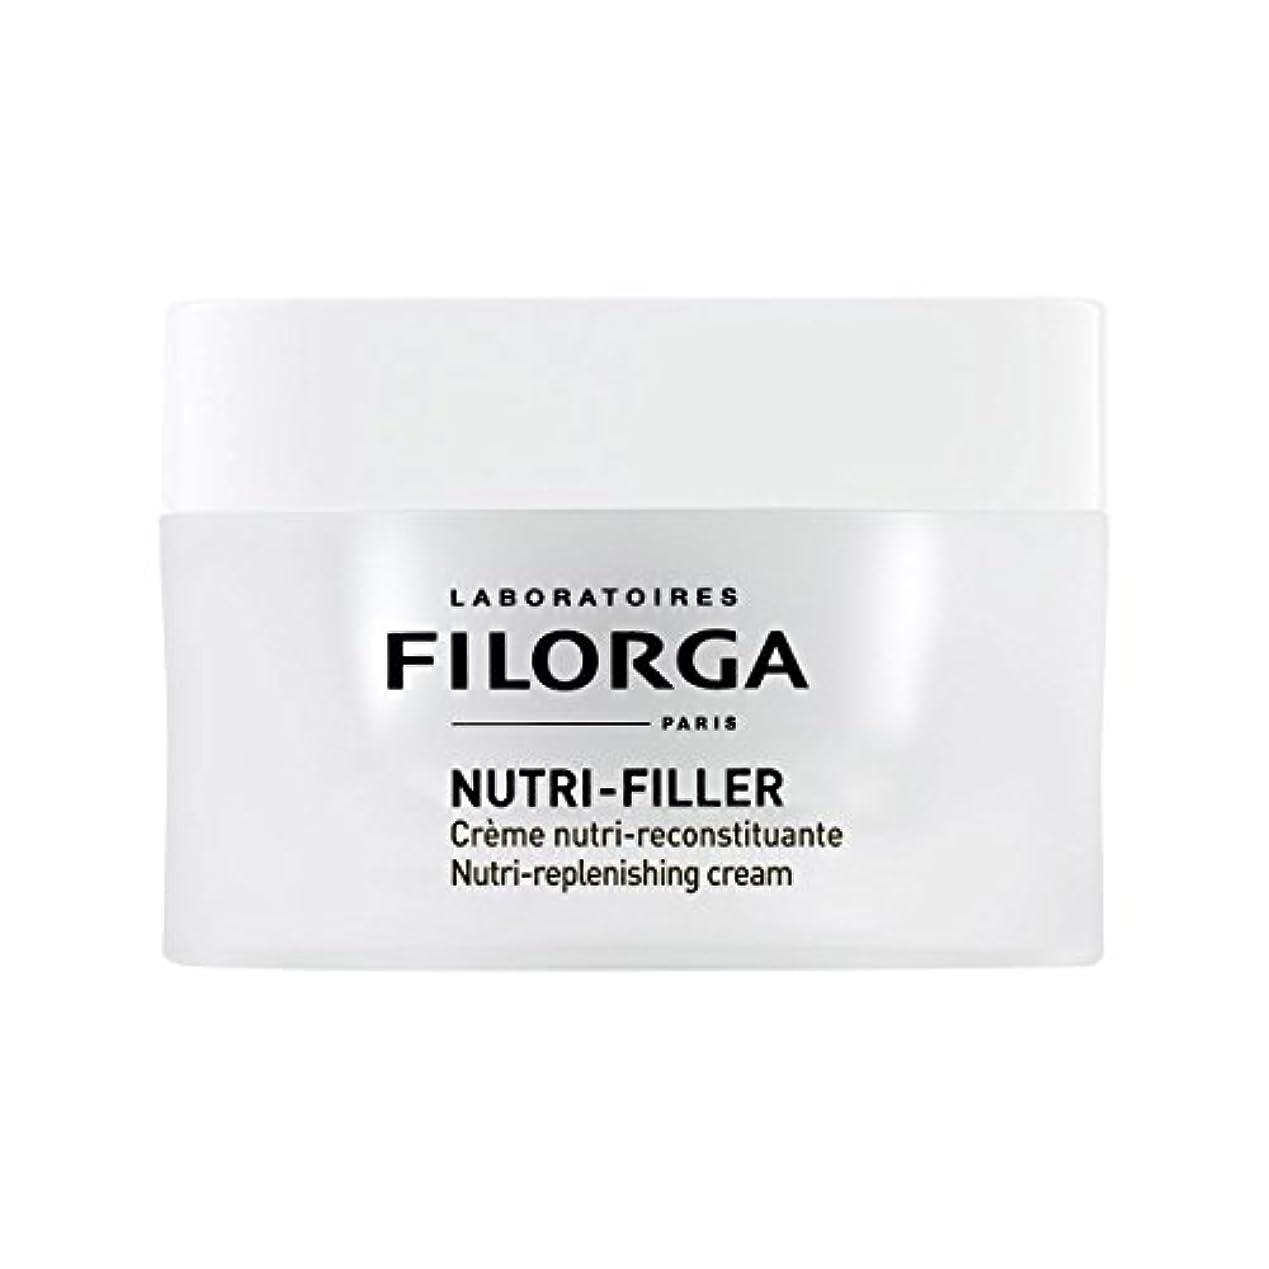 しがみつく露出度の高い同志Filorga Nutri-filler Nutri-replenishing Cream 50ml [並行輸入品]